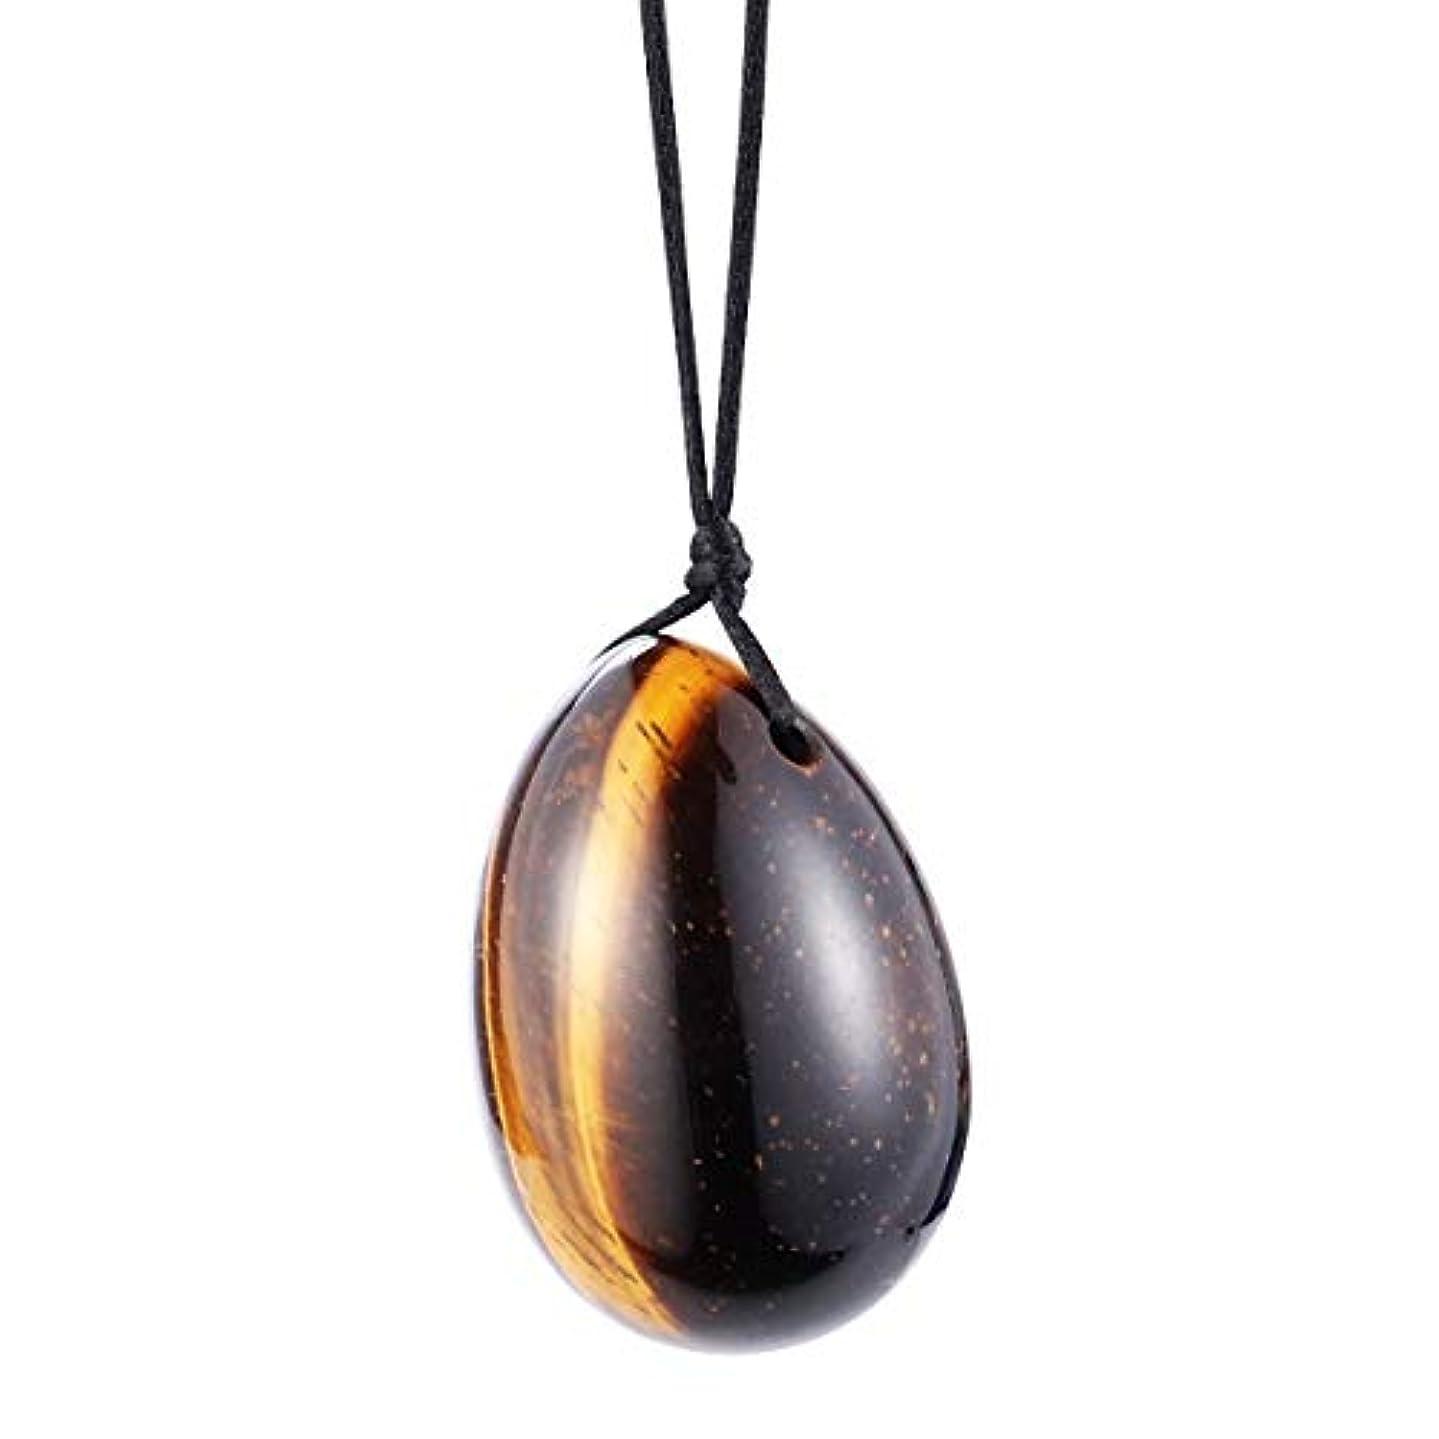 チーター宿る刈るARTLILY 玉ヨニ卵クリスタルクォーツマッサージストーンエッグ女性のためのケーゲル運動骨盤底筋膣運動ヨニ卵ヘルスケア